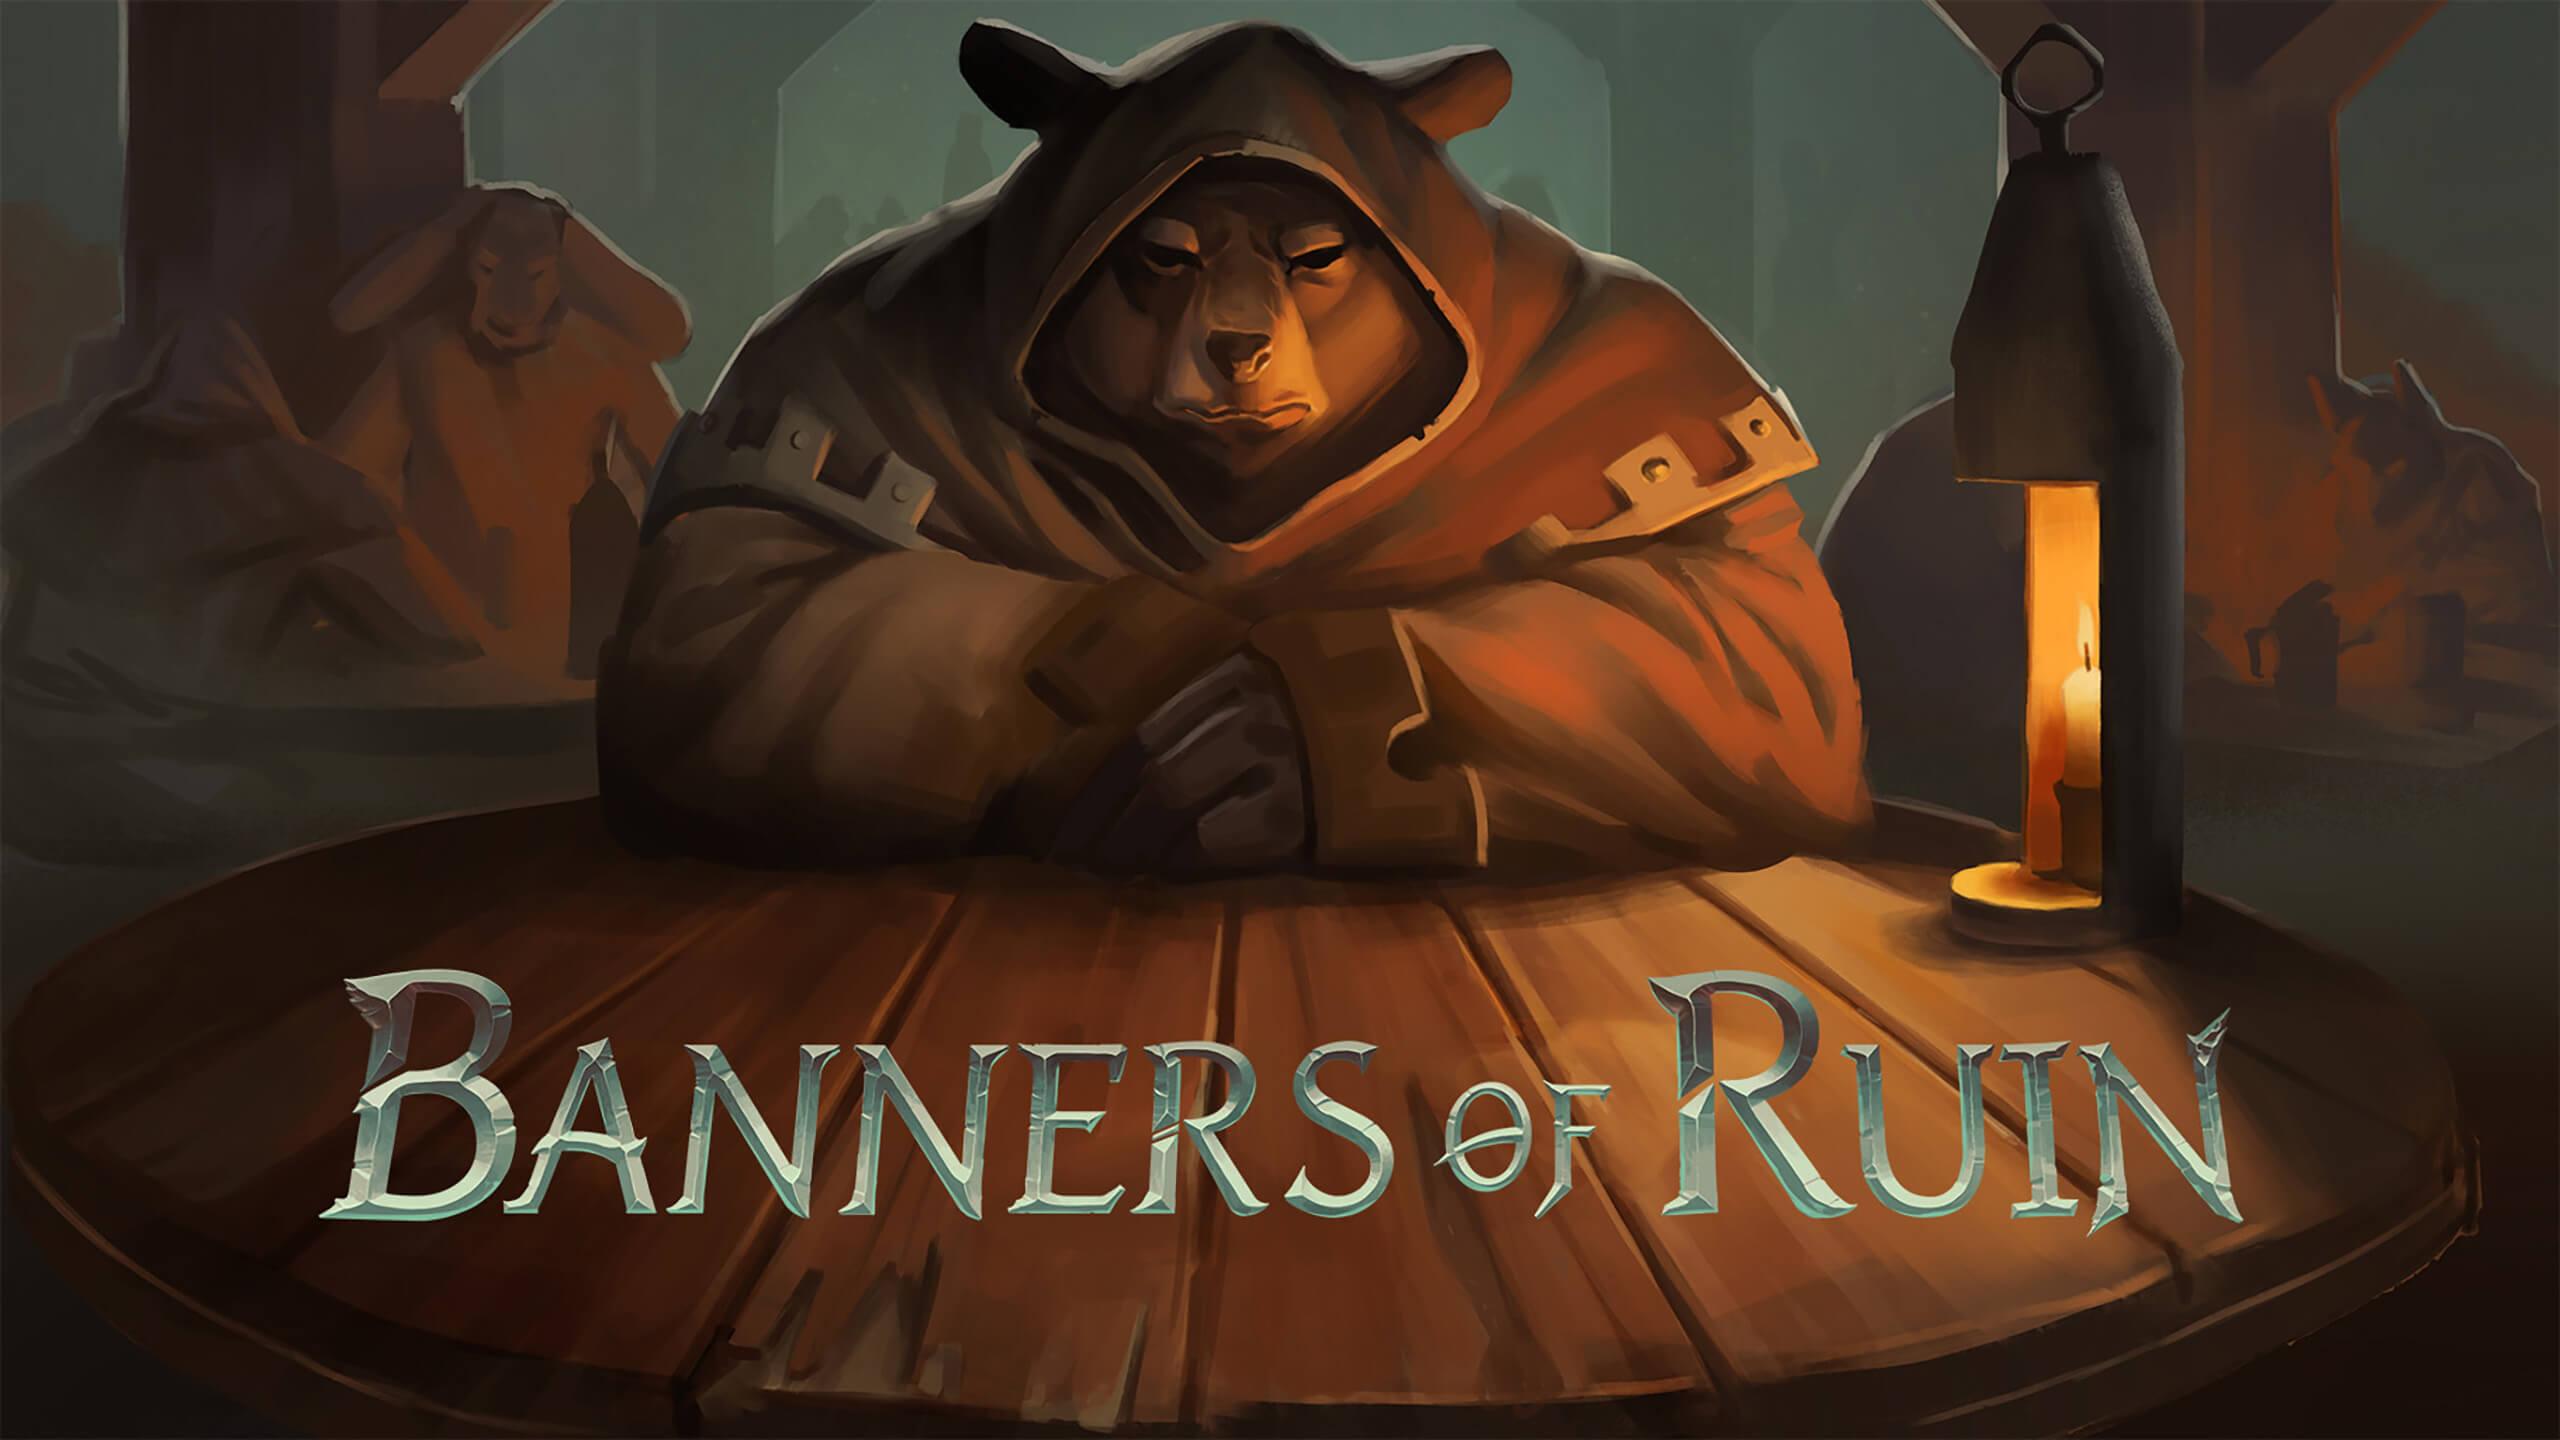 废墟战旗(Banners of Ruin)插图5